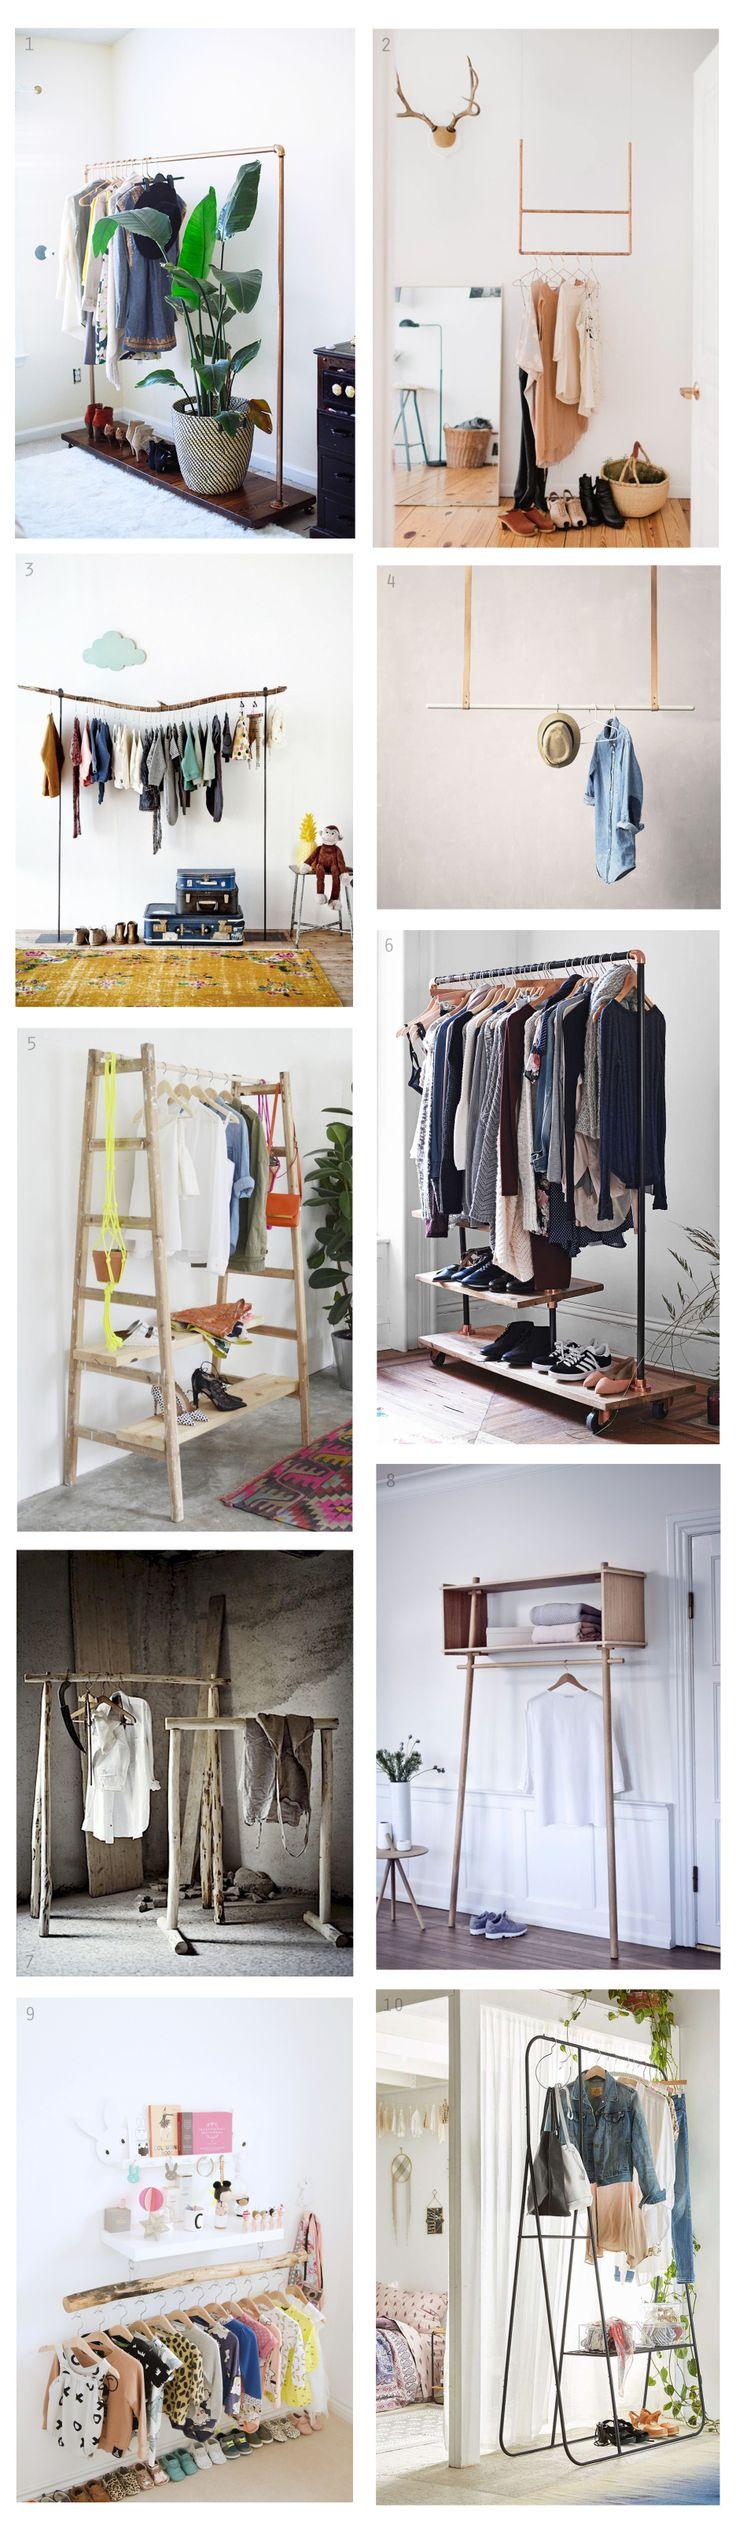 die besten 25 karton kleiderschrank ideen auf pinterest stifthalter aus pappe diy puppenhaus. Black Bedroom Furniture Sets. Home Design Ideas